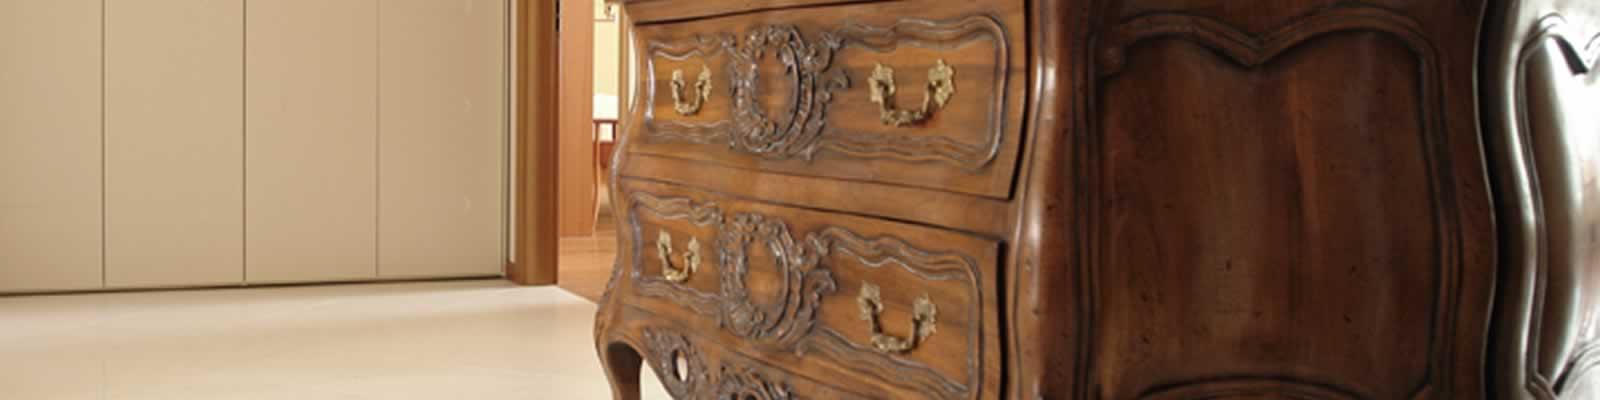 Antique furniture repair Kent